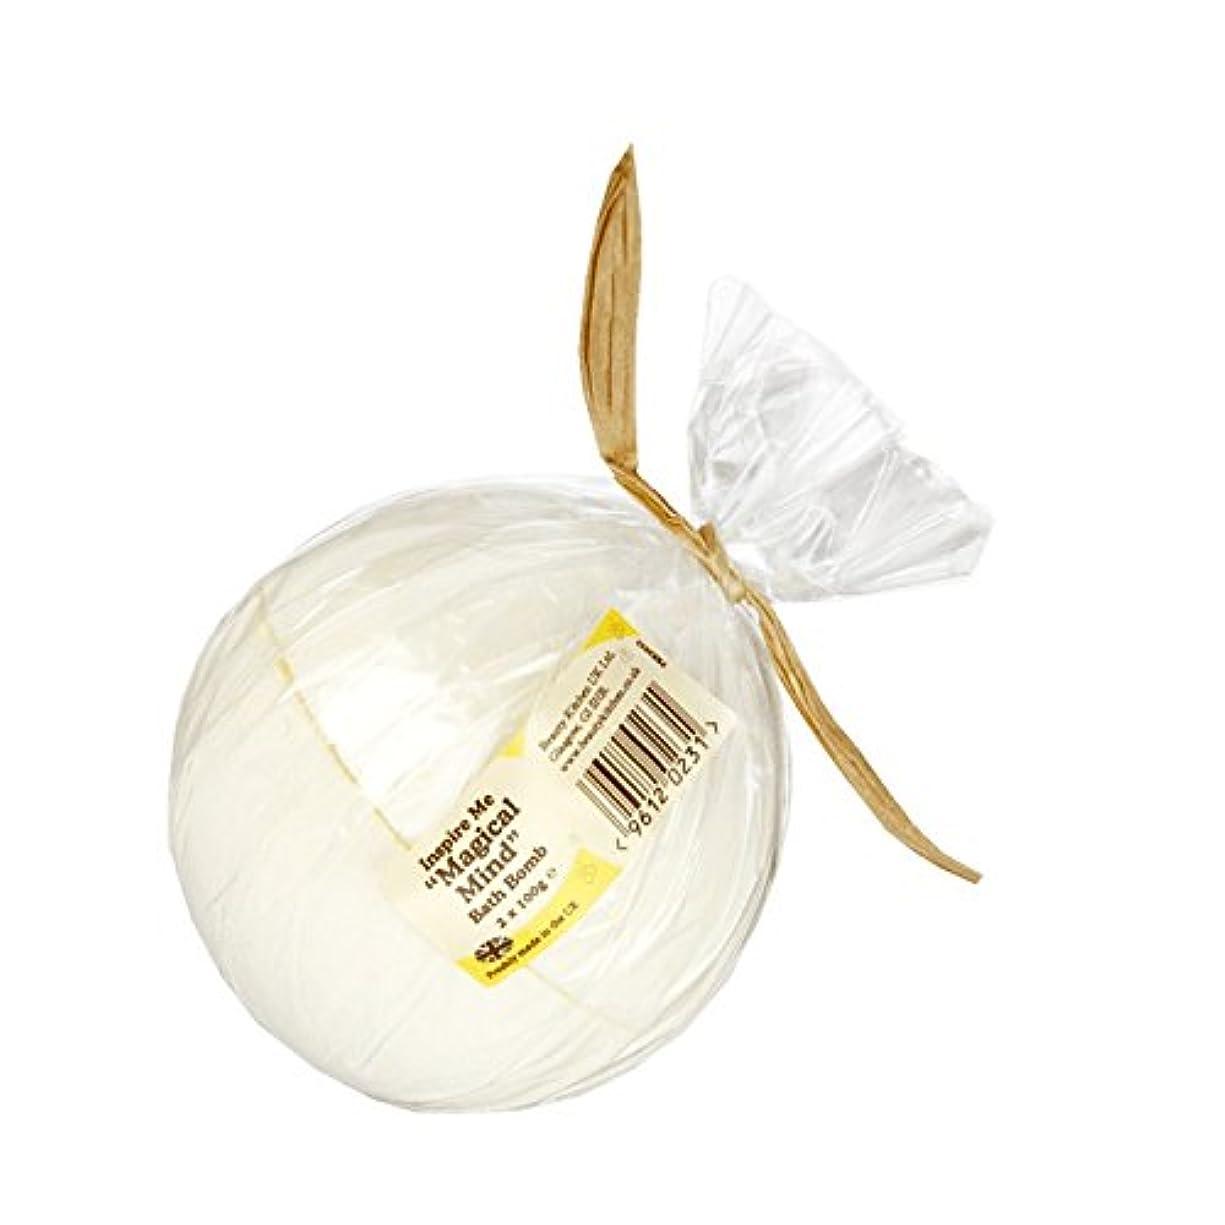 締め切り一緒に報酬Beauty Kitchen Inspire Me Magical Mind Bath Bomb 2 x 100g (Pack of 2) - 美しさのキッチンは私に魔法心風呂爆弾2×100グラムを鼓舞します (x2)...